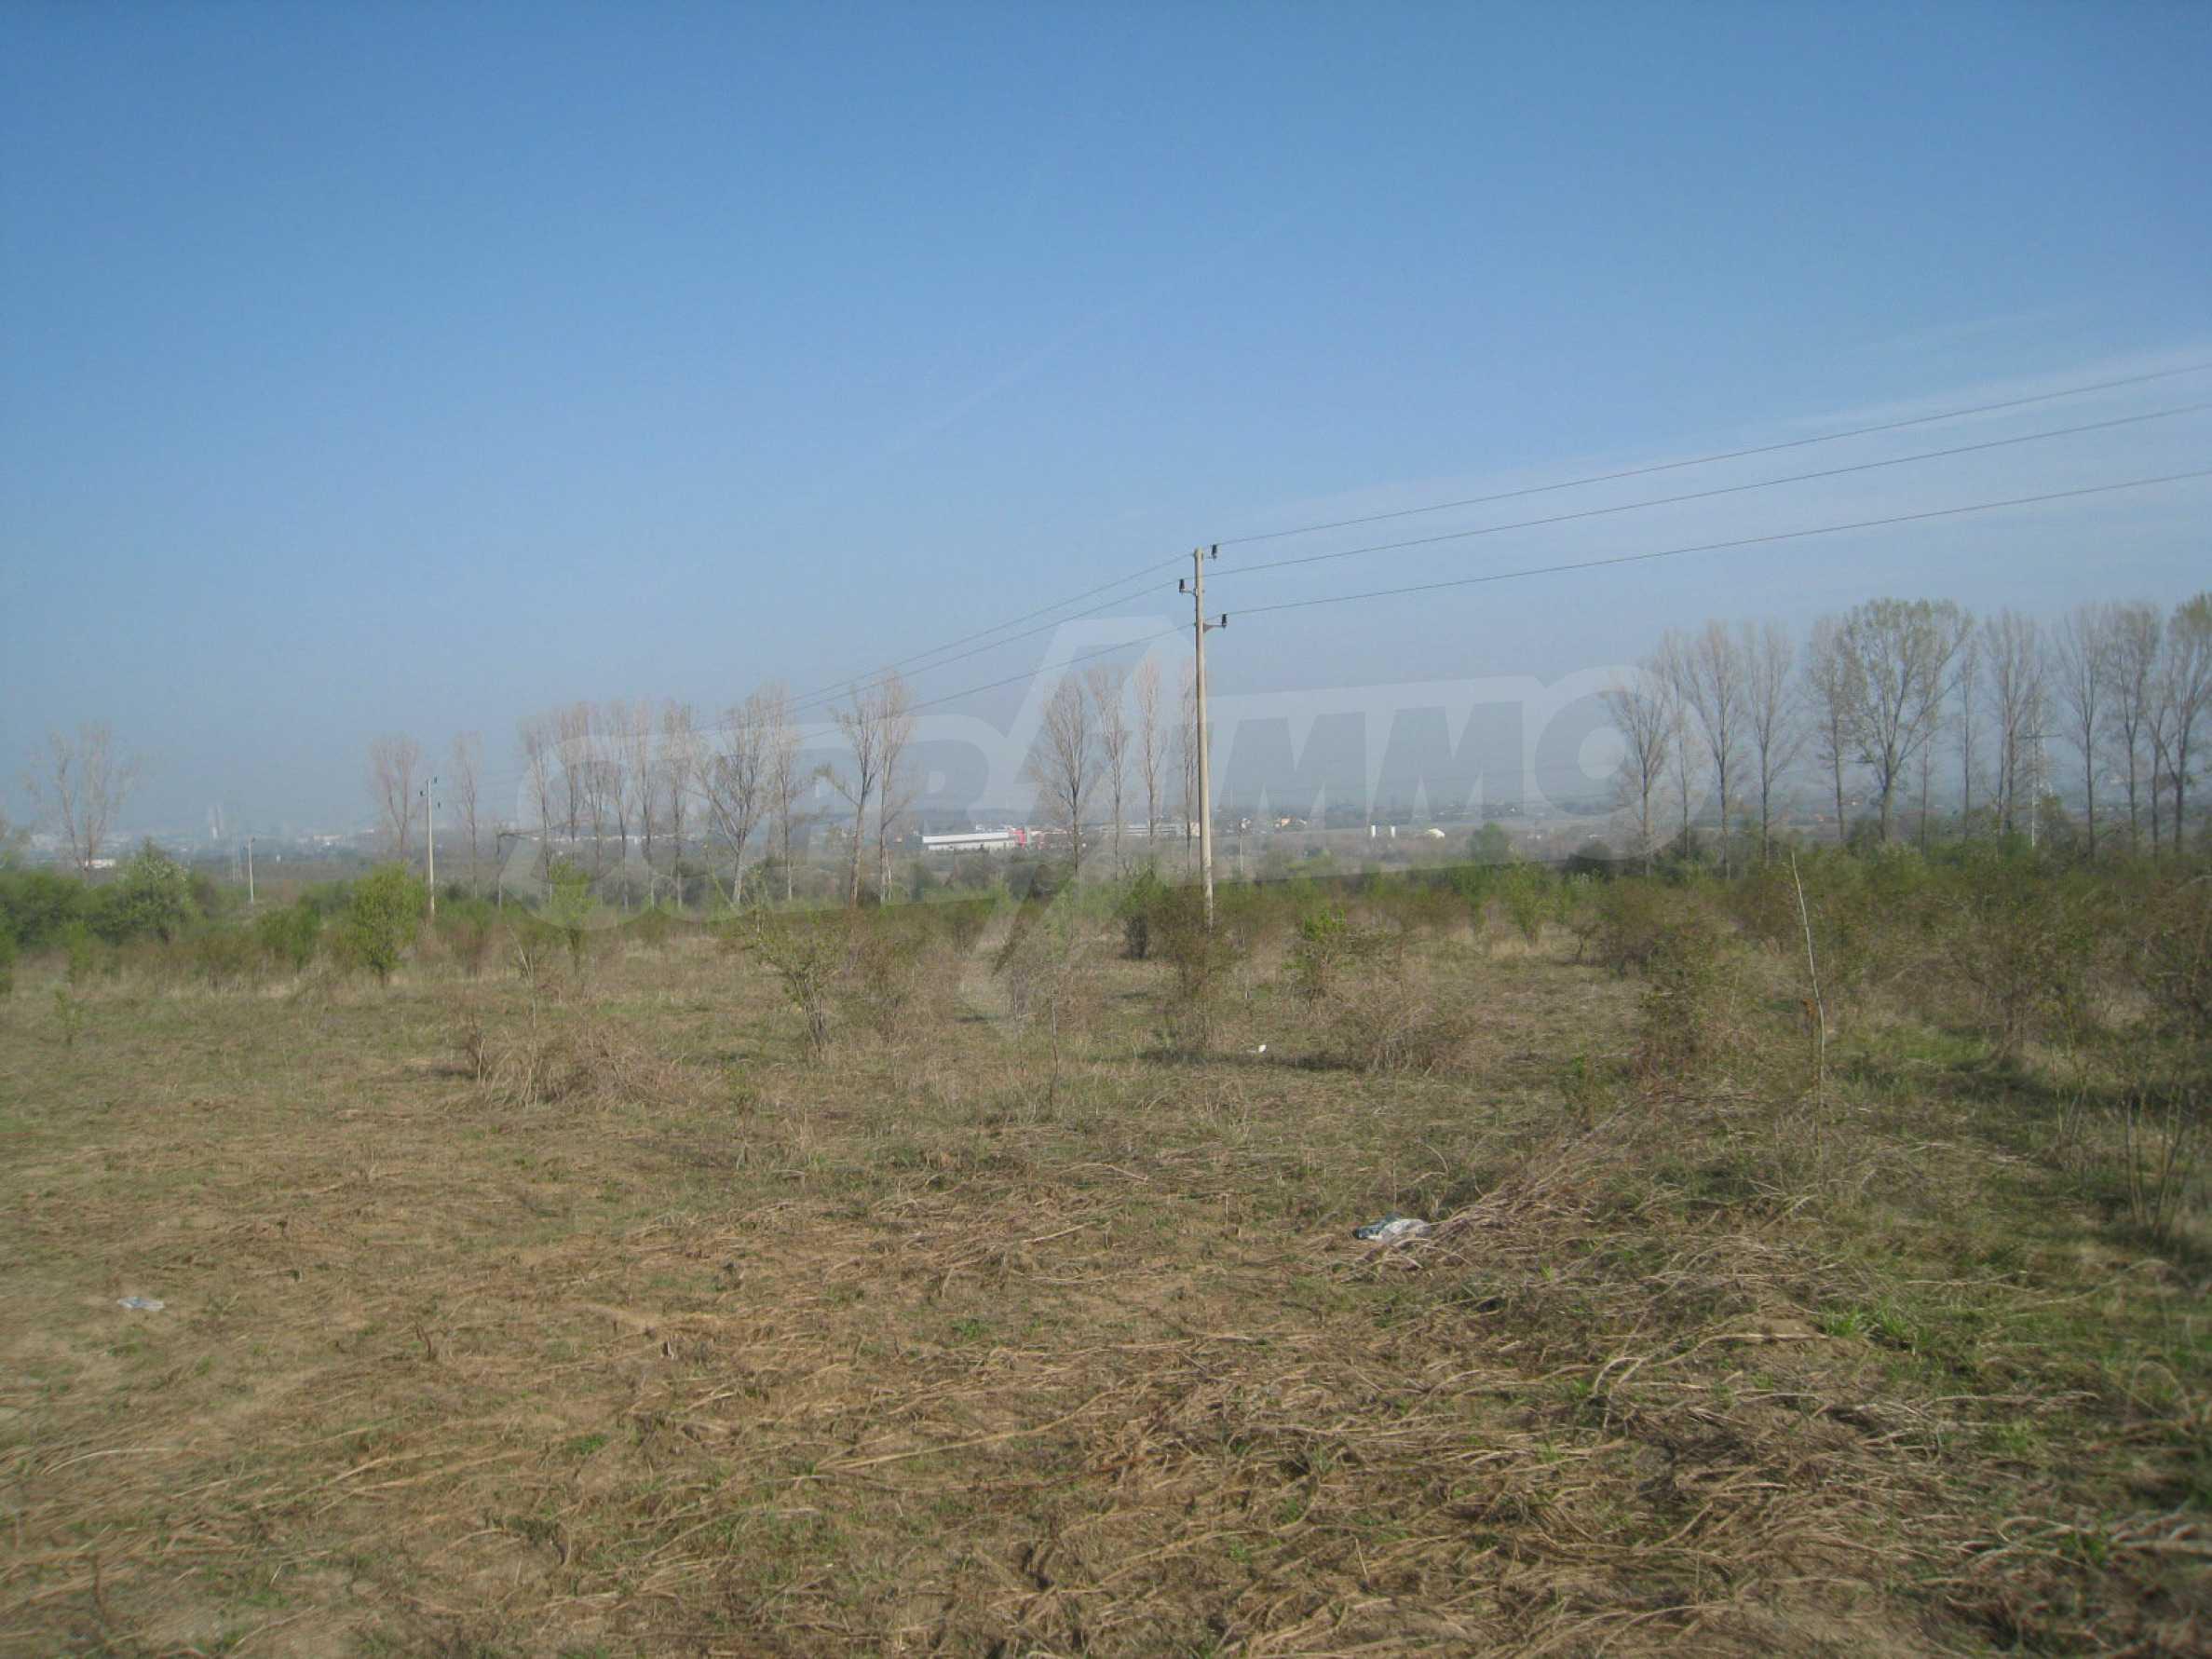 Investitionsgrundstück 2 km von der Sofia-Ringstraße entfernt 5